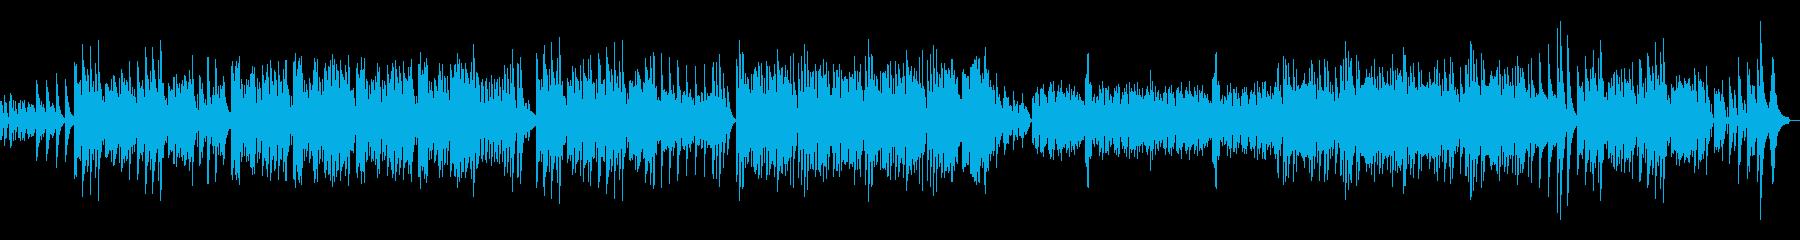 ベシーナ_オルゴールver.の再生済みの波形